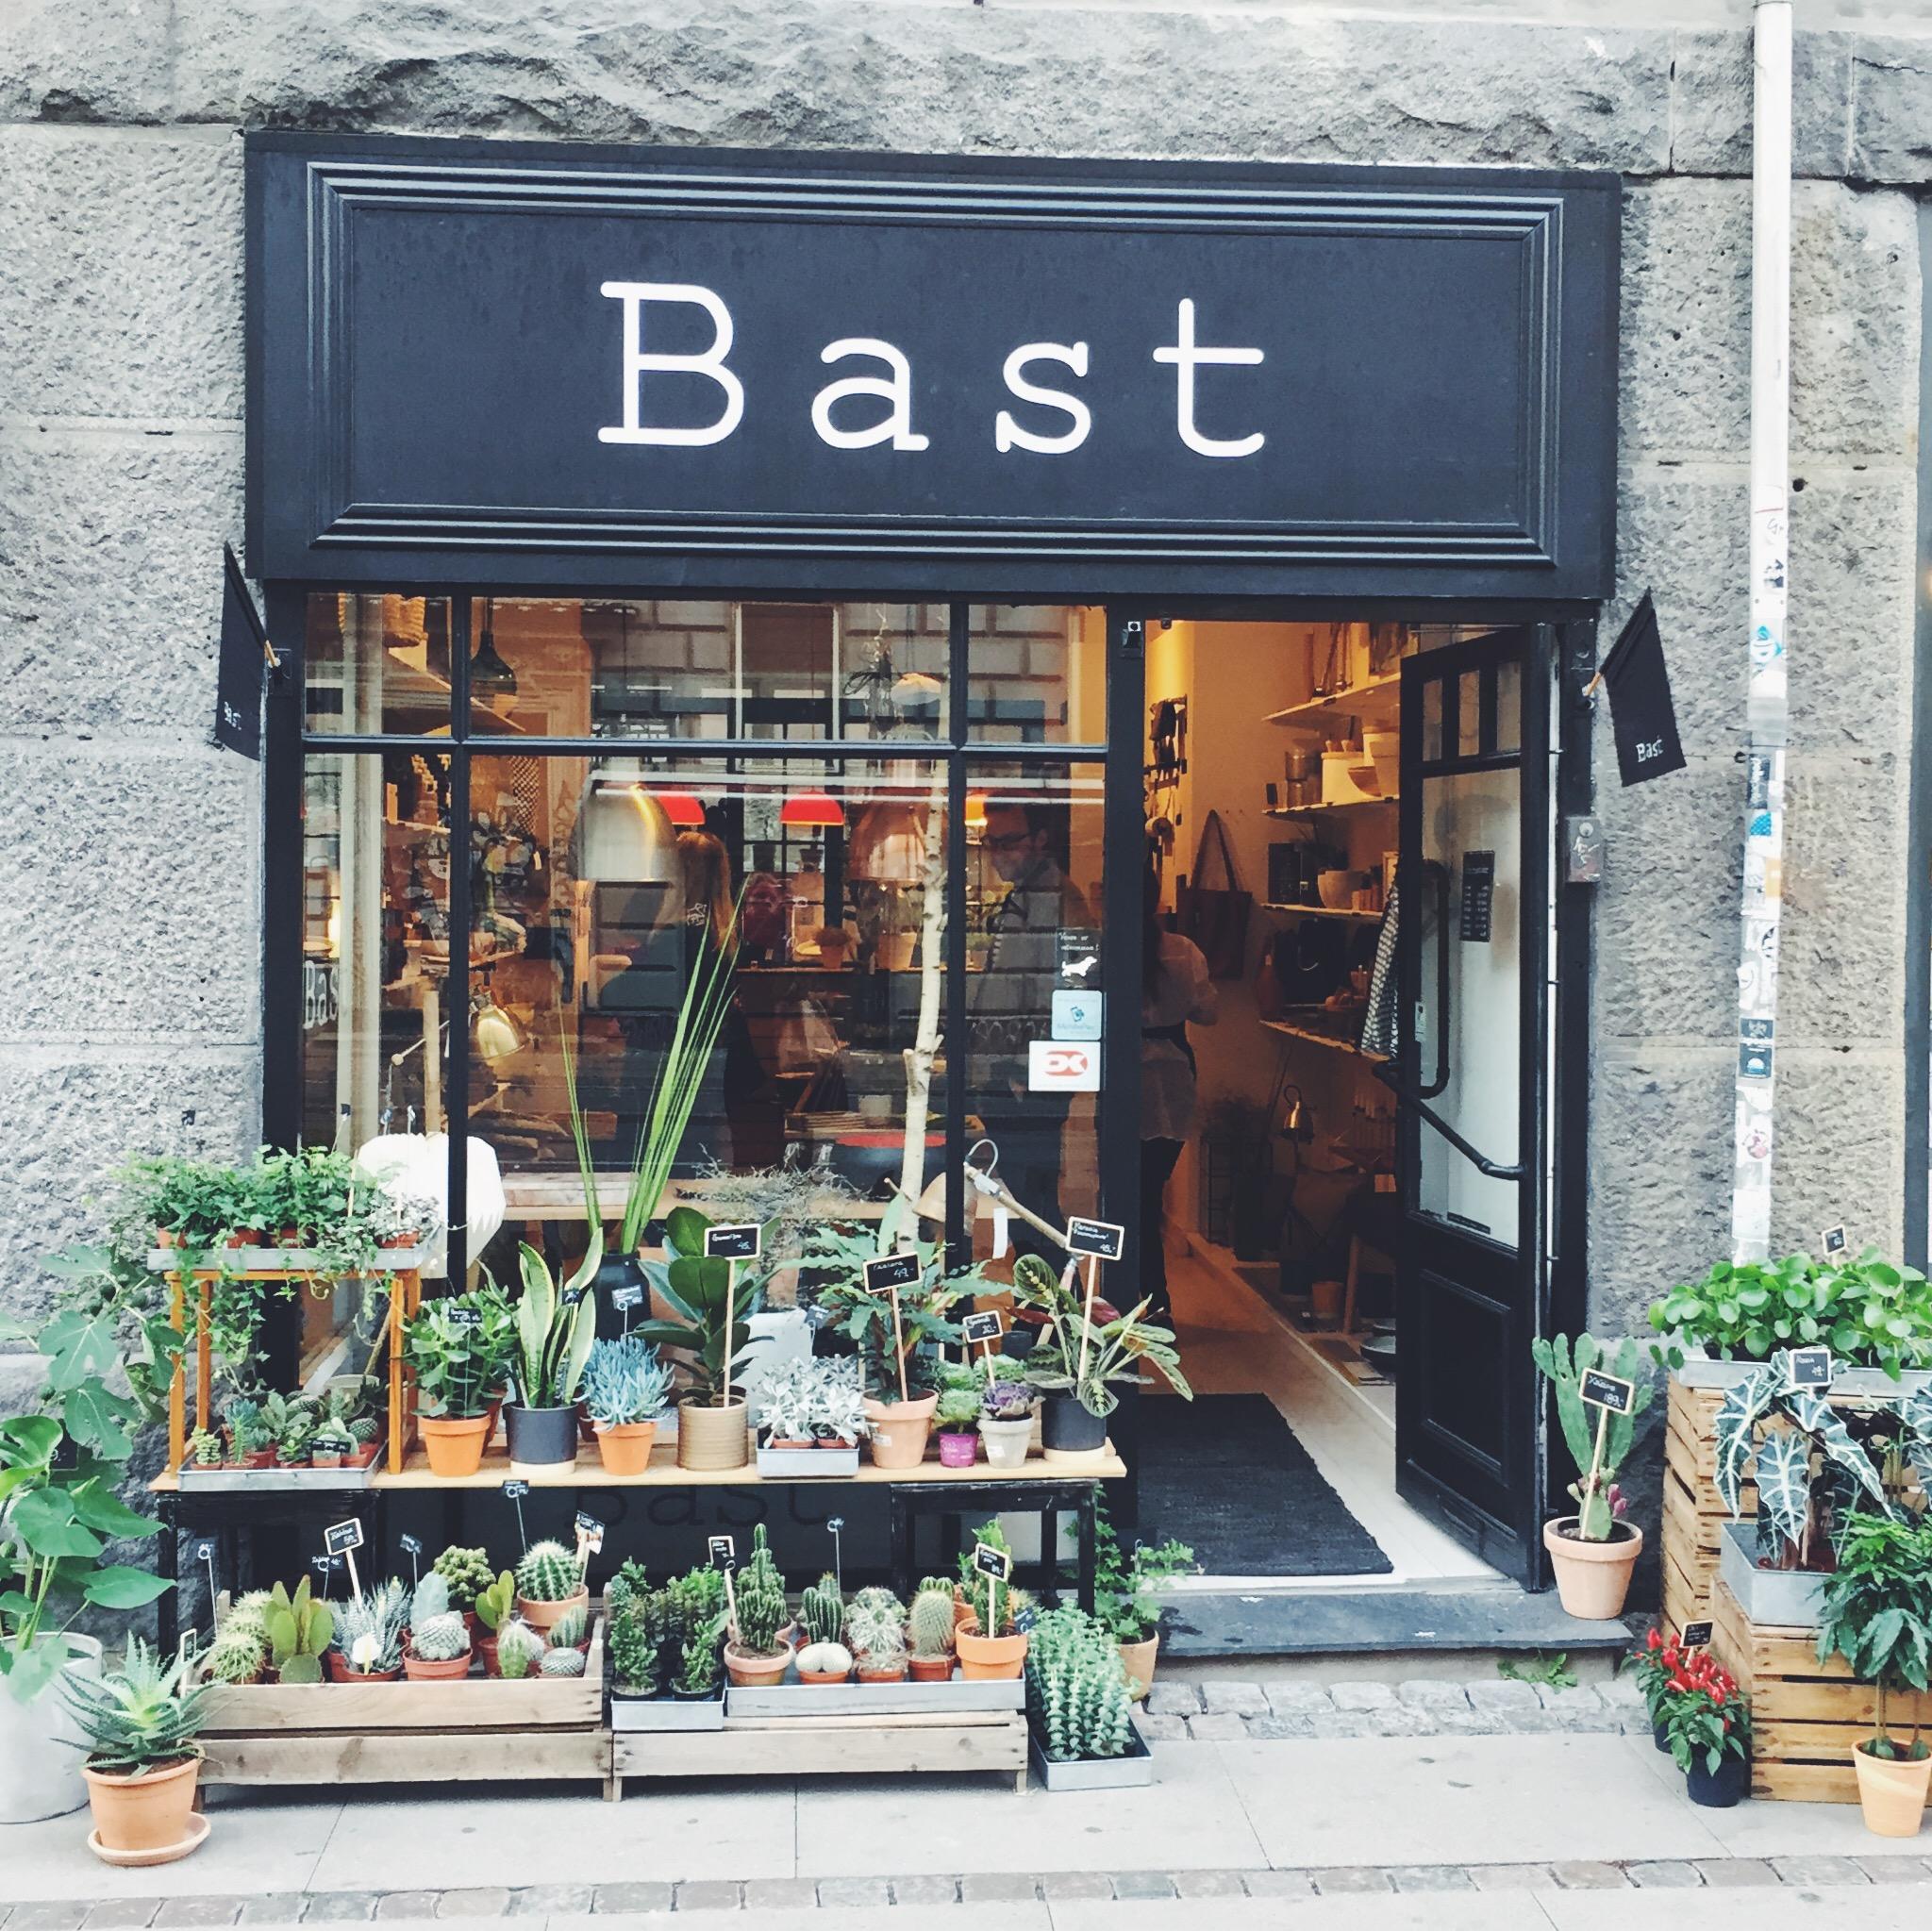 Butik Bast på Nørrebro. Interiørbutik med blomster og planter på Nørrebrogade. Dansk design og pynteting. Danish design